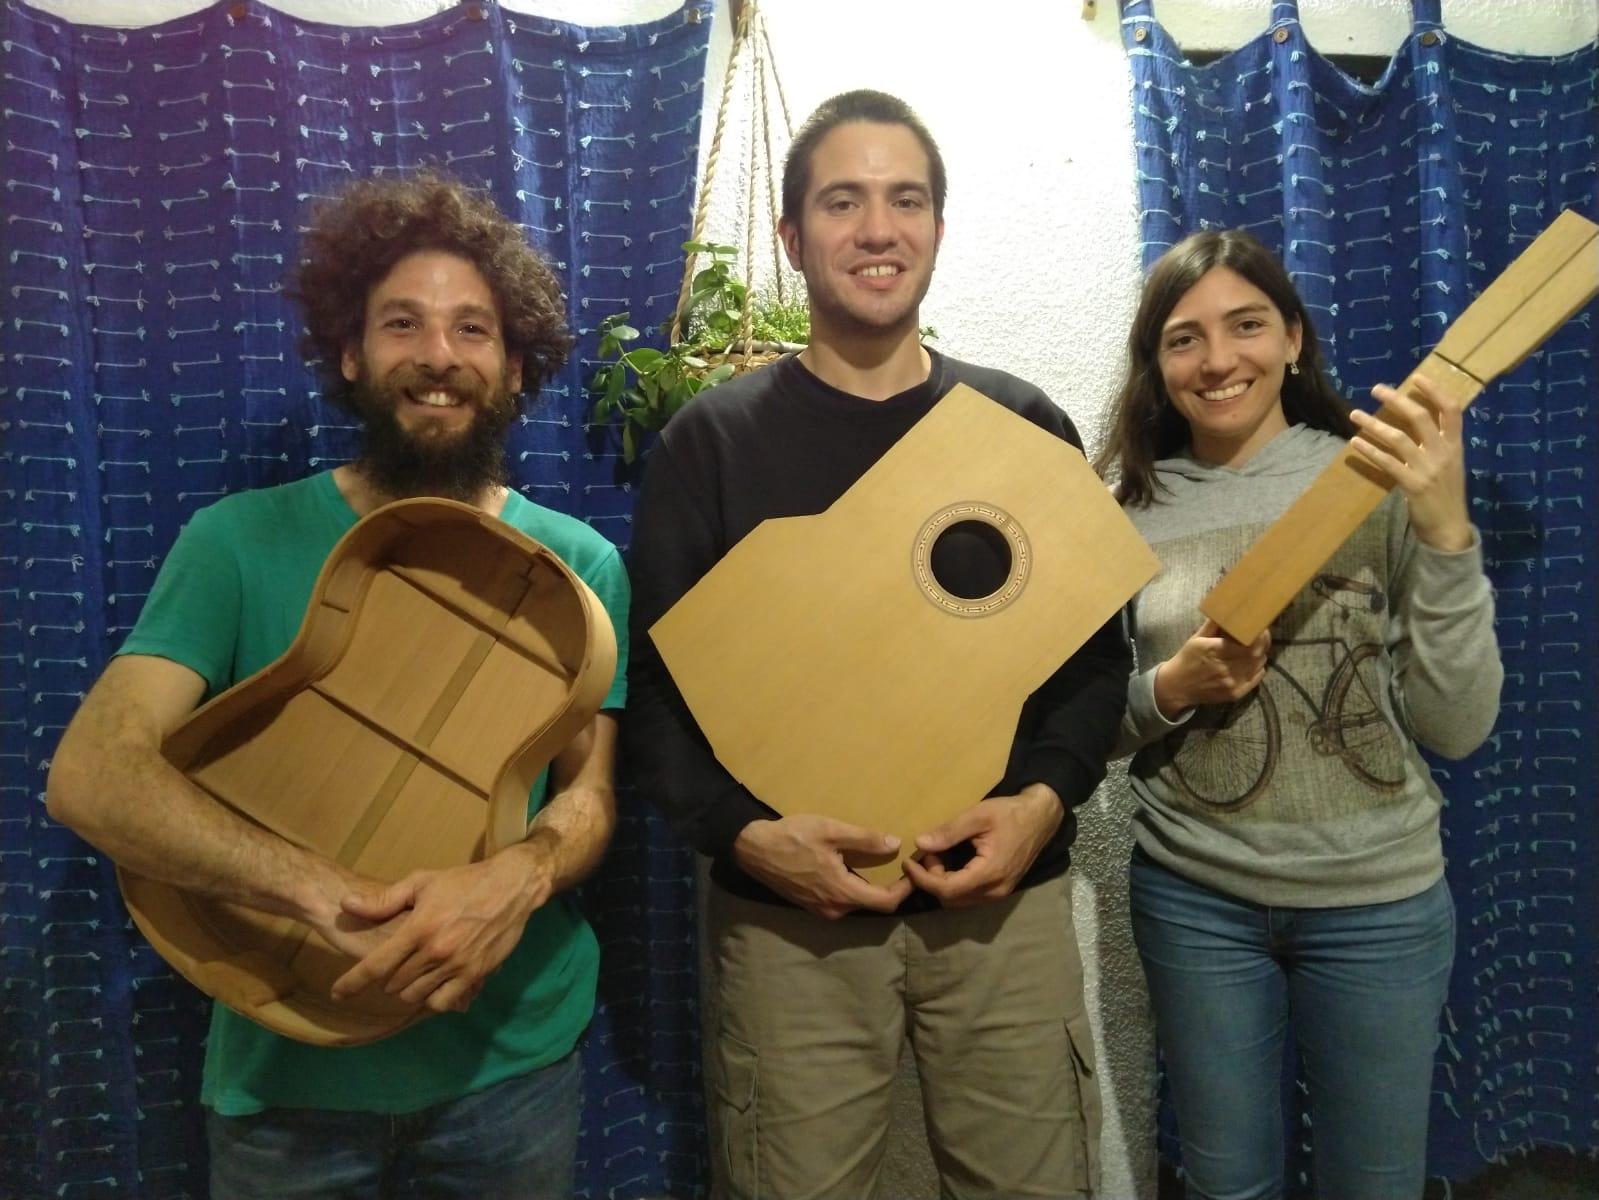 Trío de guitarras El Gentil- Manuel Urrutia, Diego Suárez y Beatriz Alonso 22 11 2020 ICE